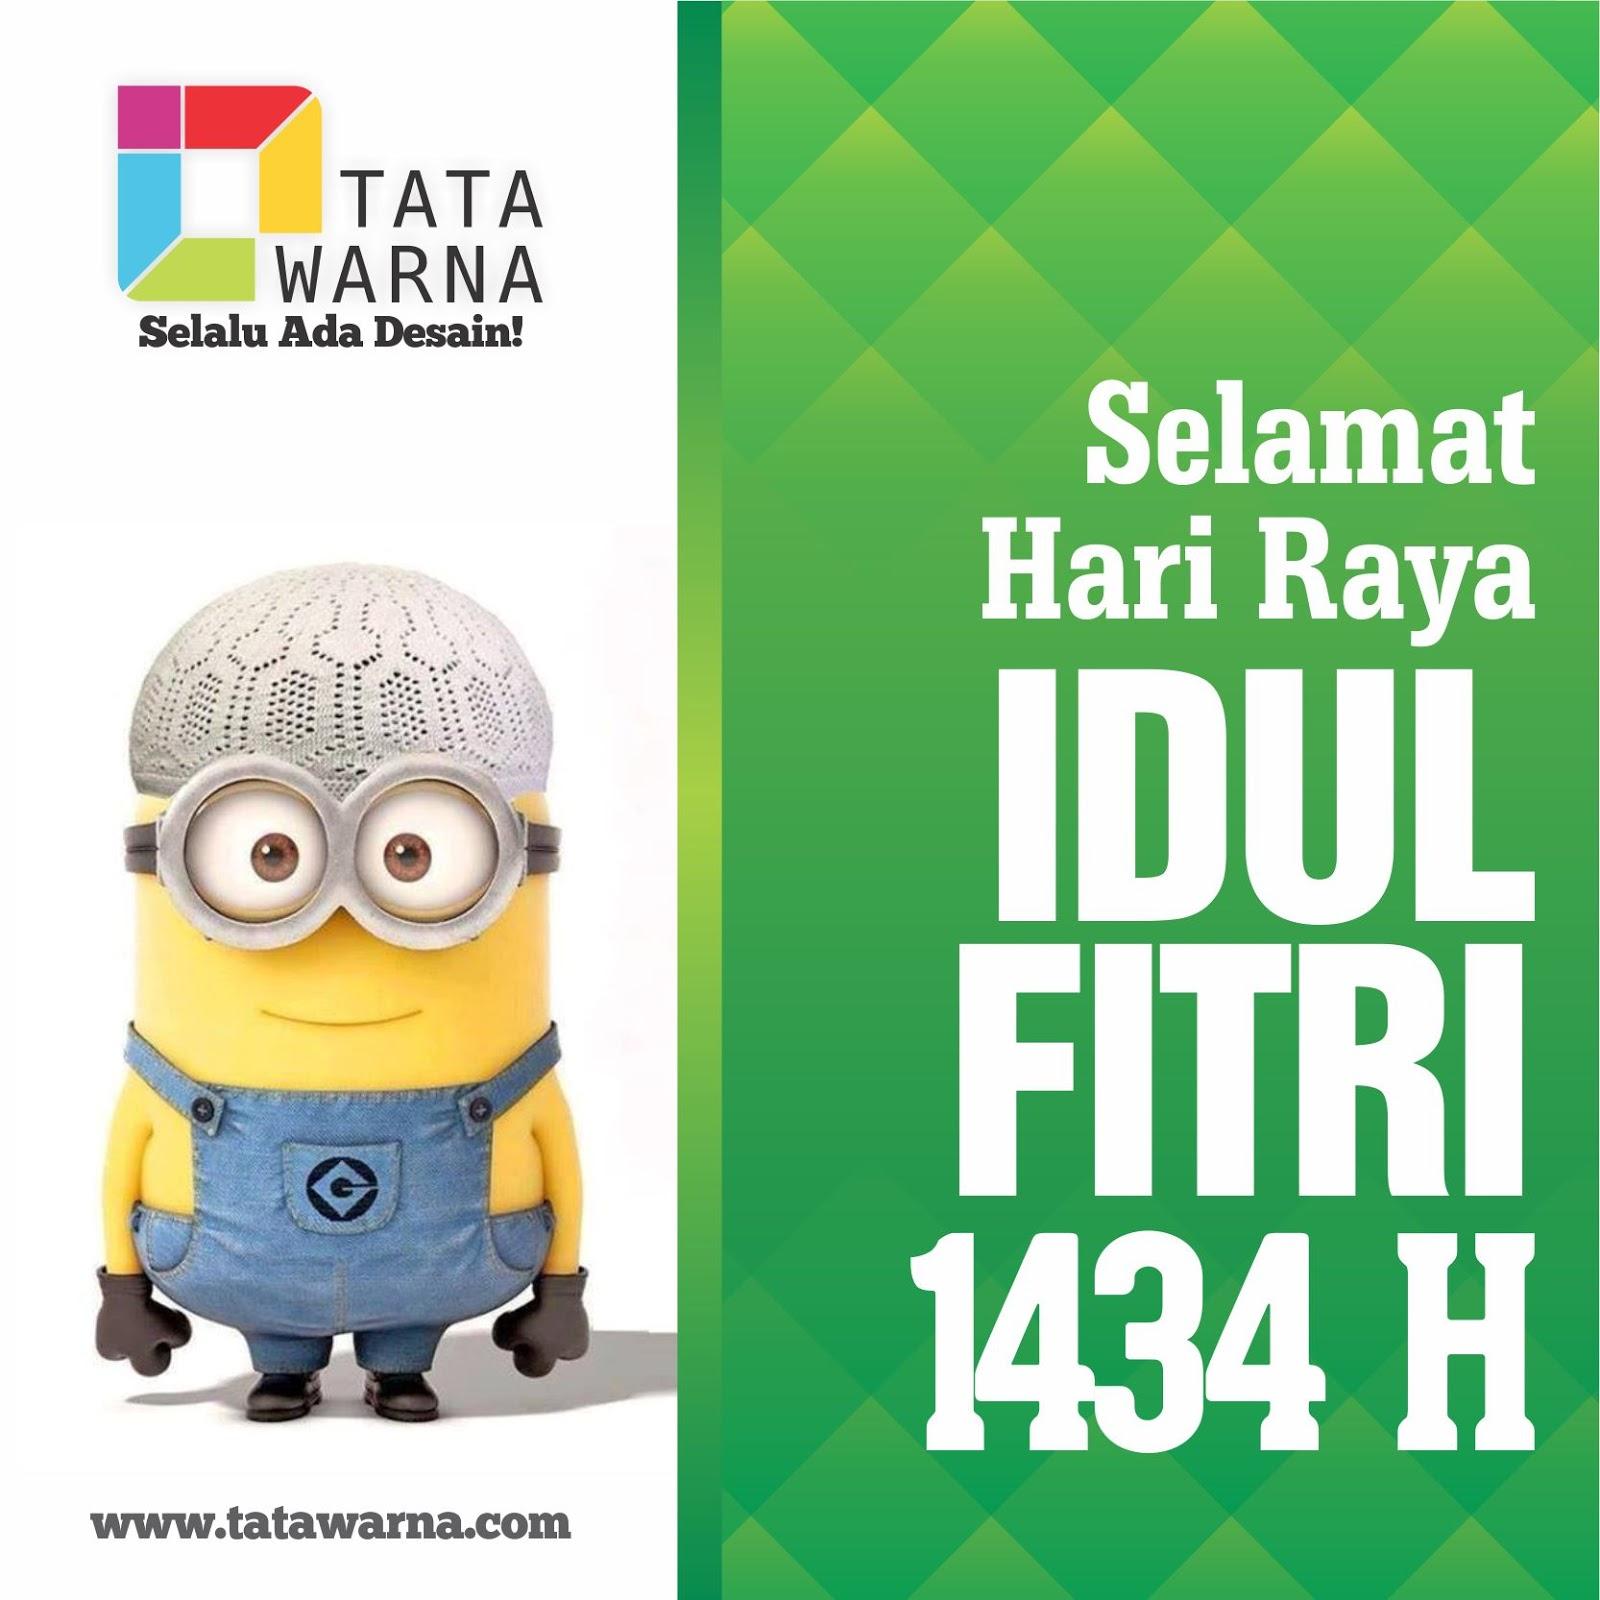 Trend Baru Company Profile, Desain Display Picture BBM Idul Fitri